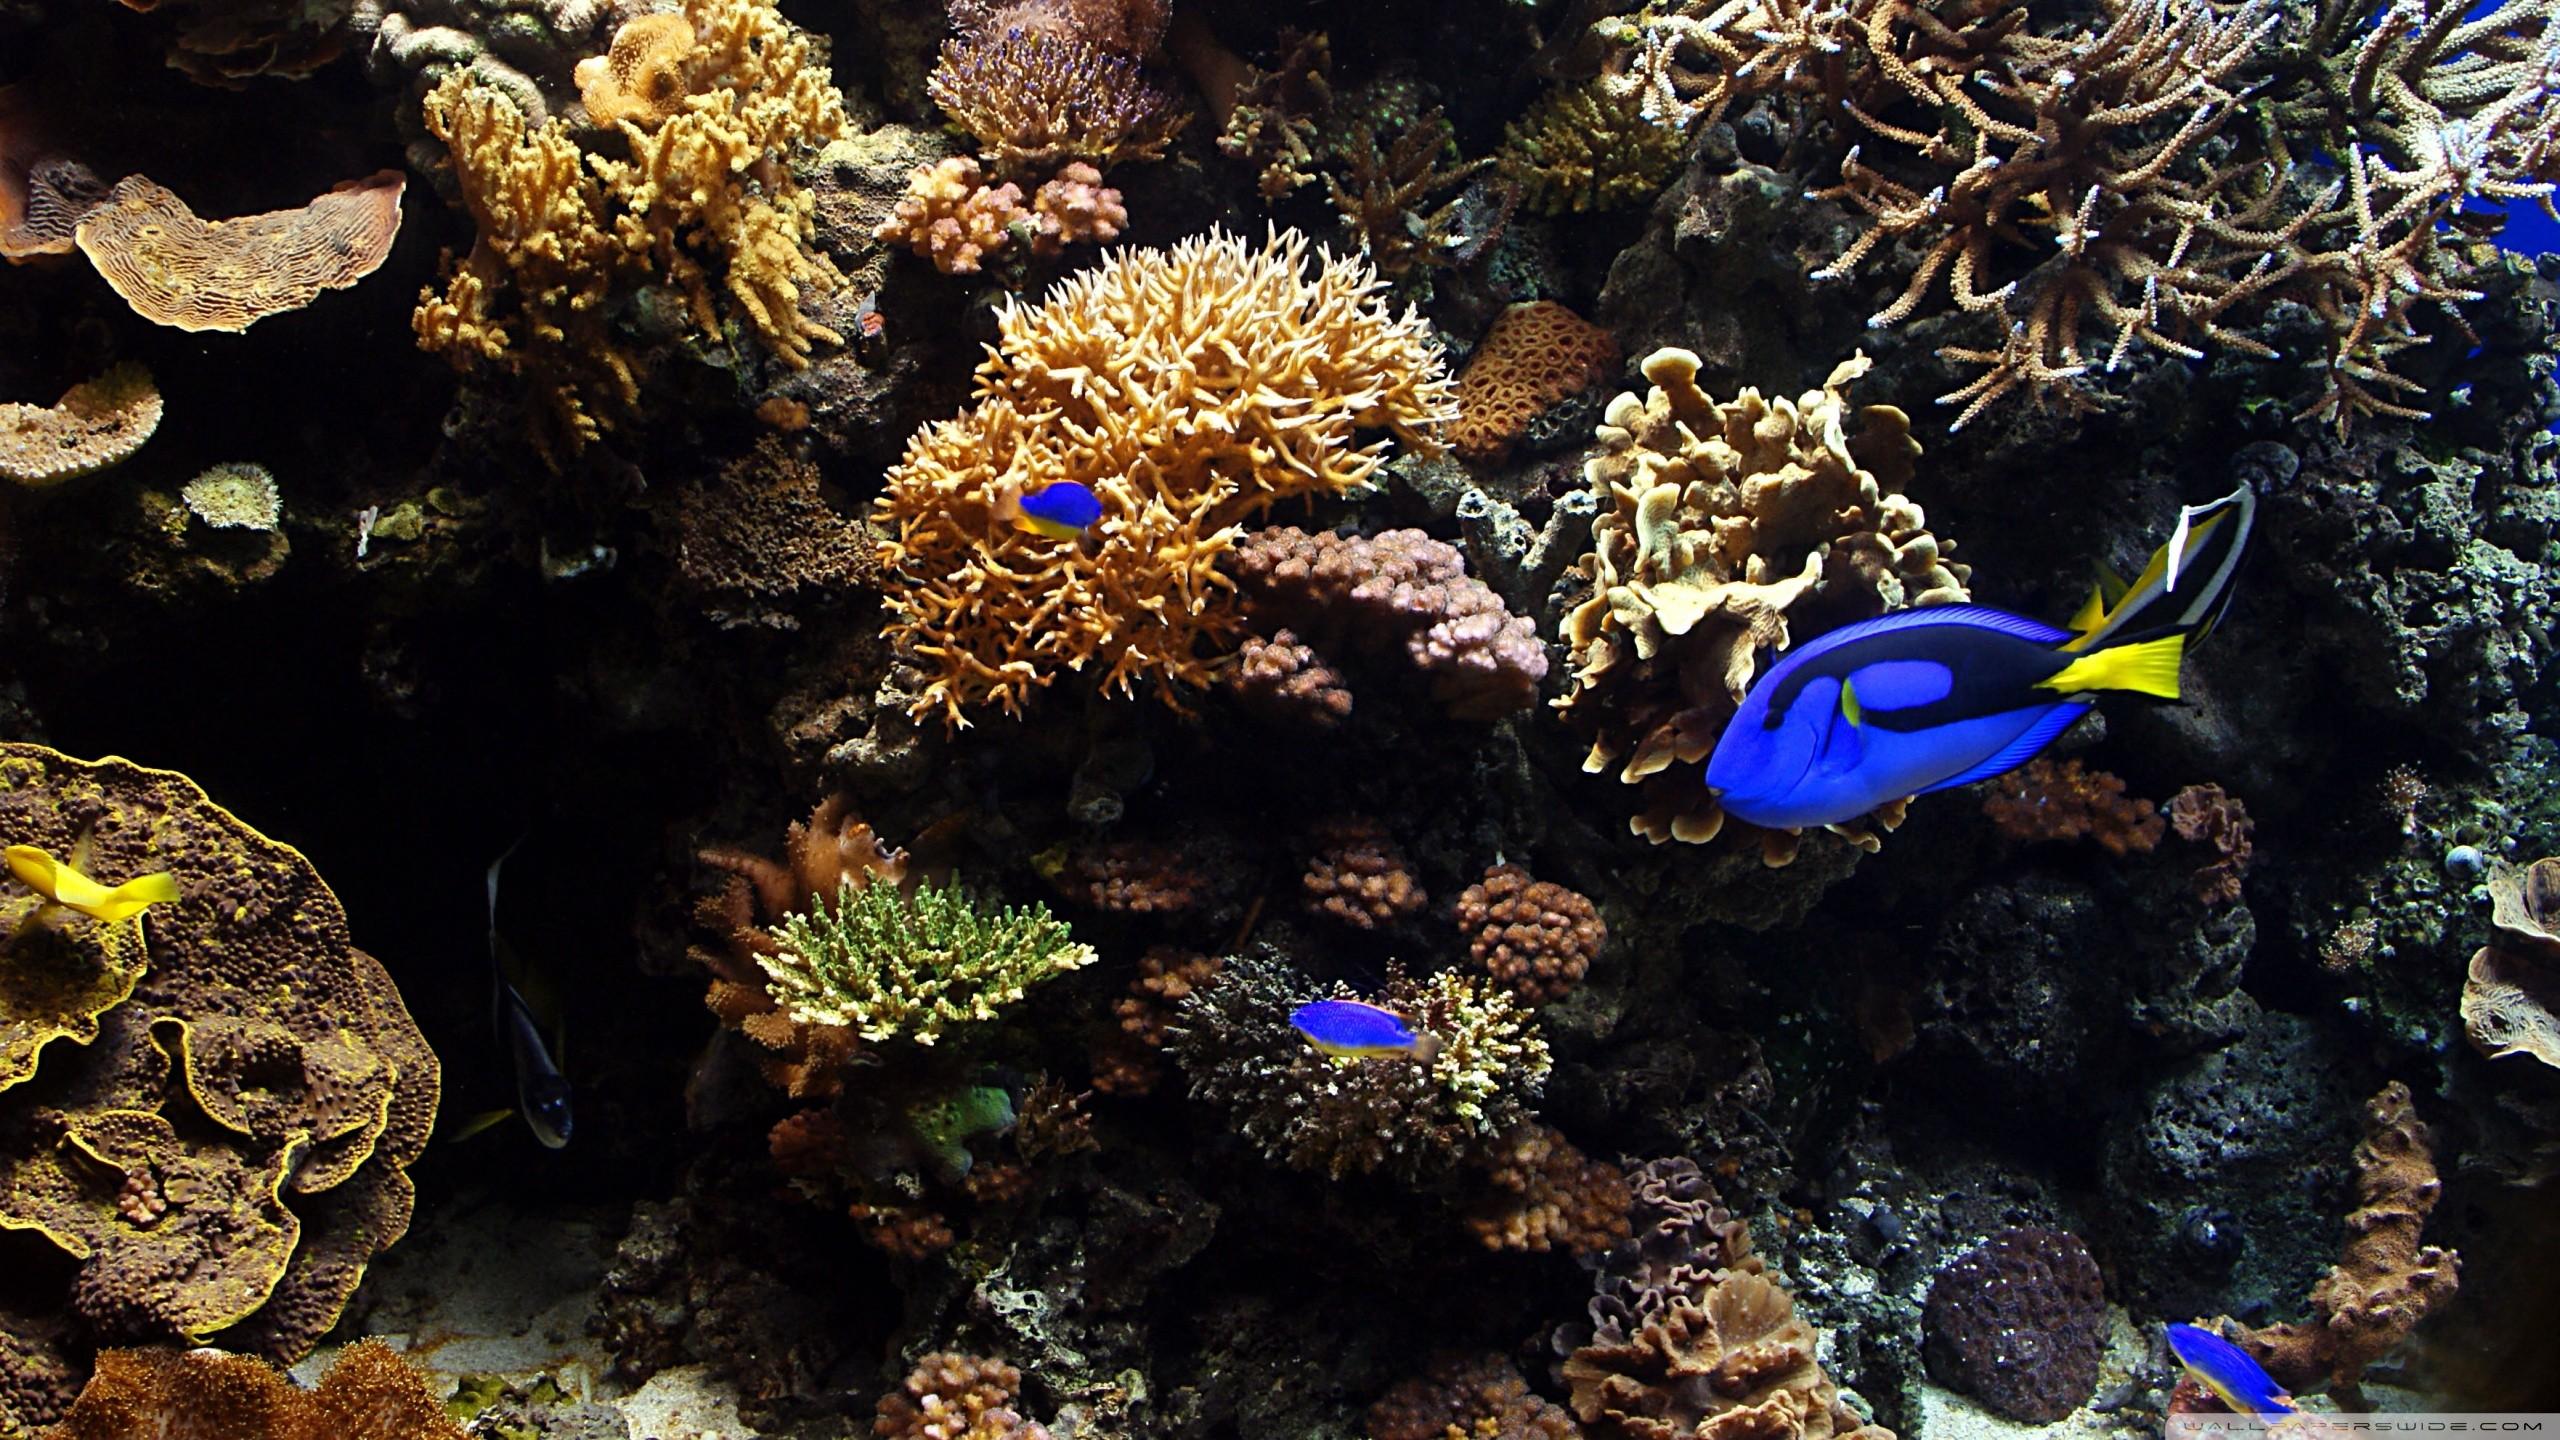 Aquarium Wallpaper For Desktop Free Download : Aquarium fish hd desktop  wallpaper : widescreen : high